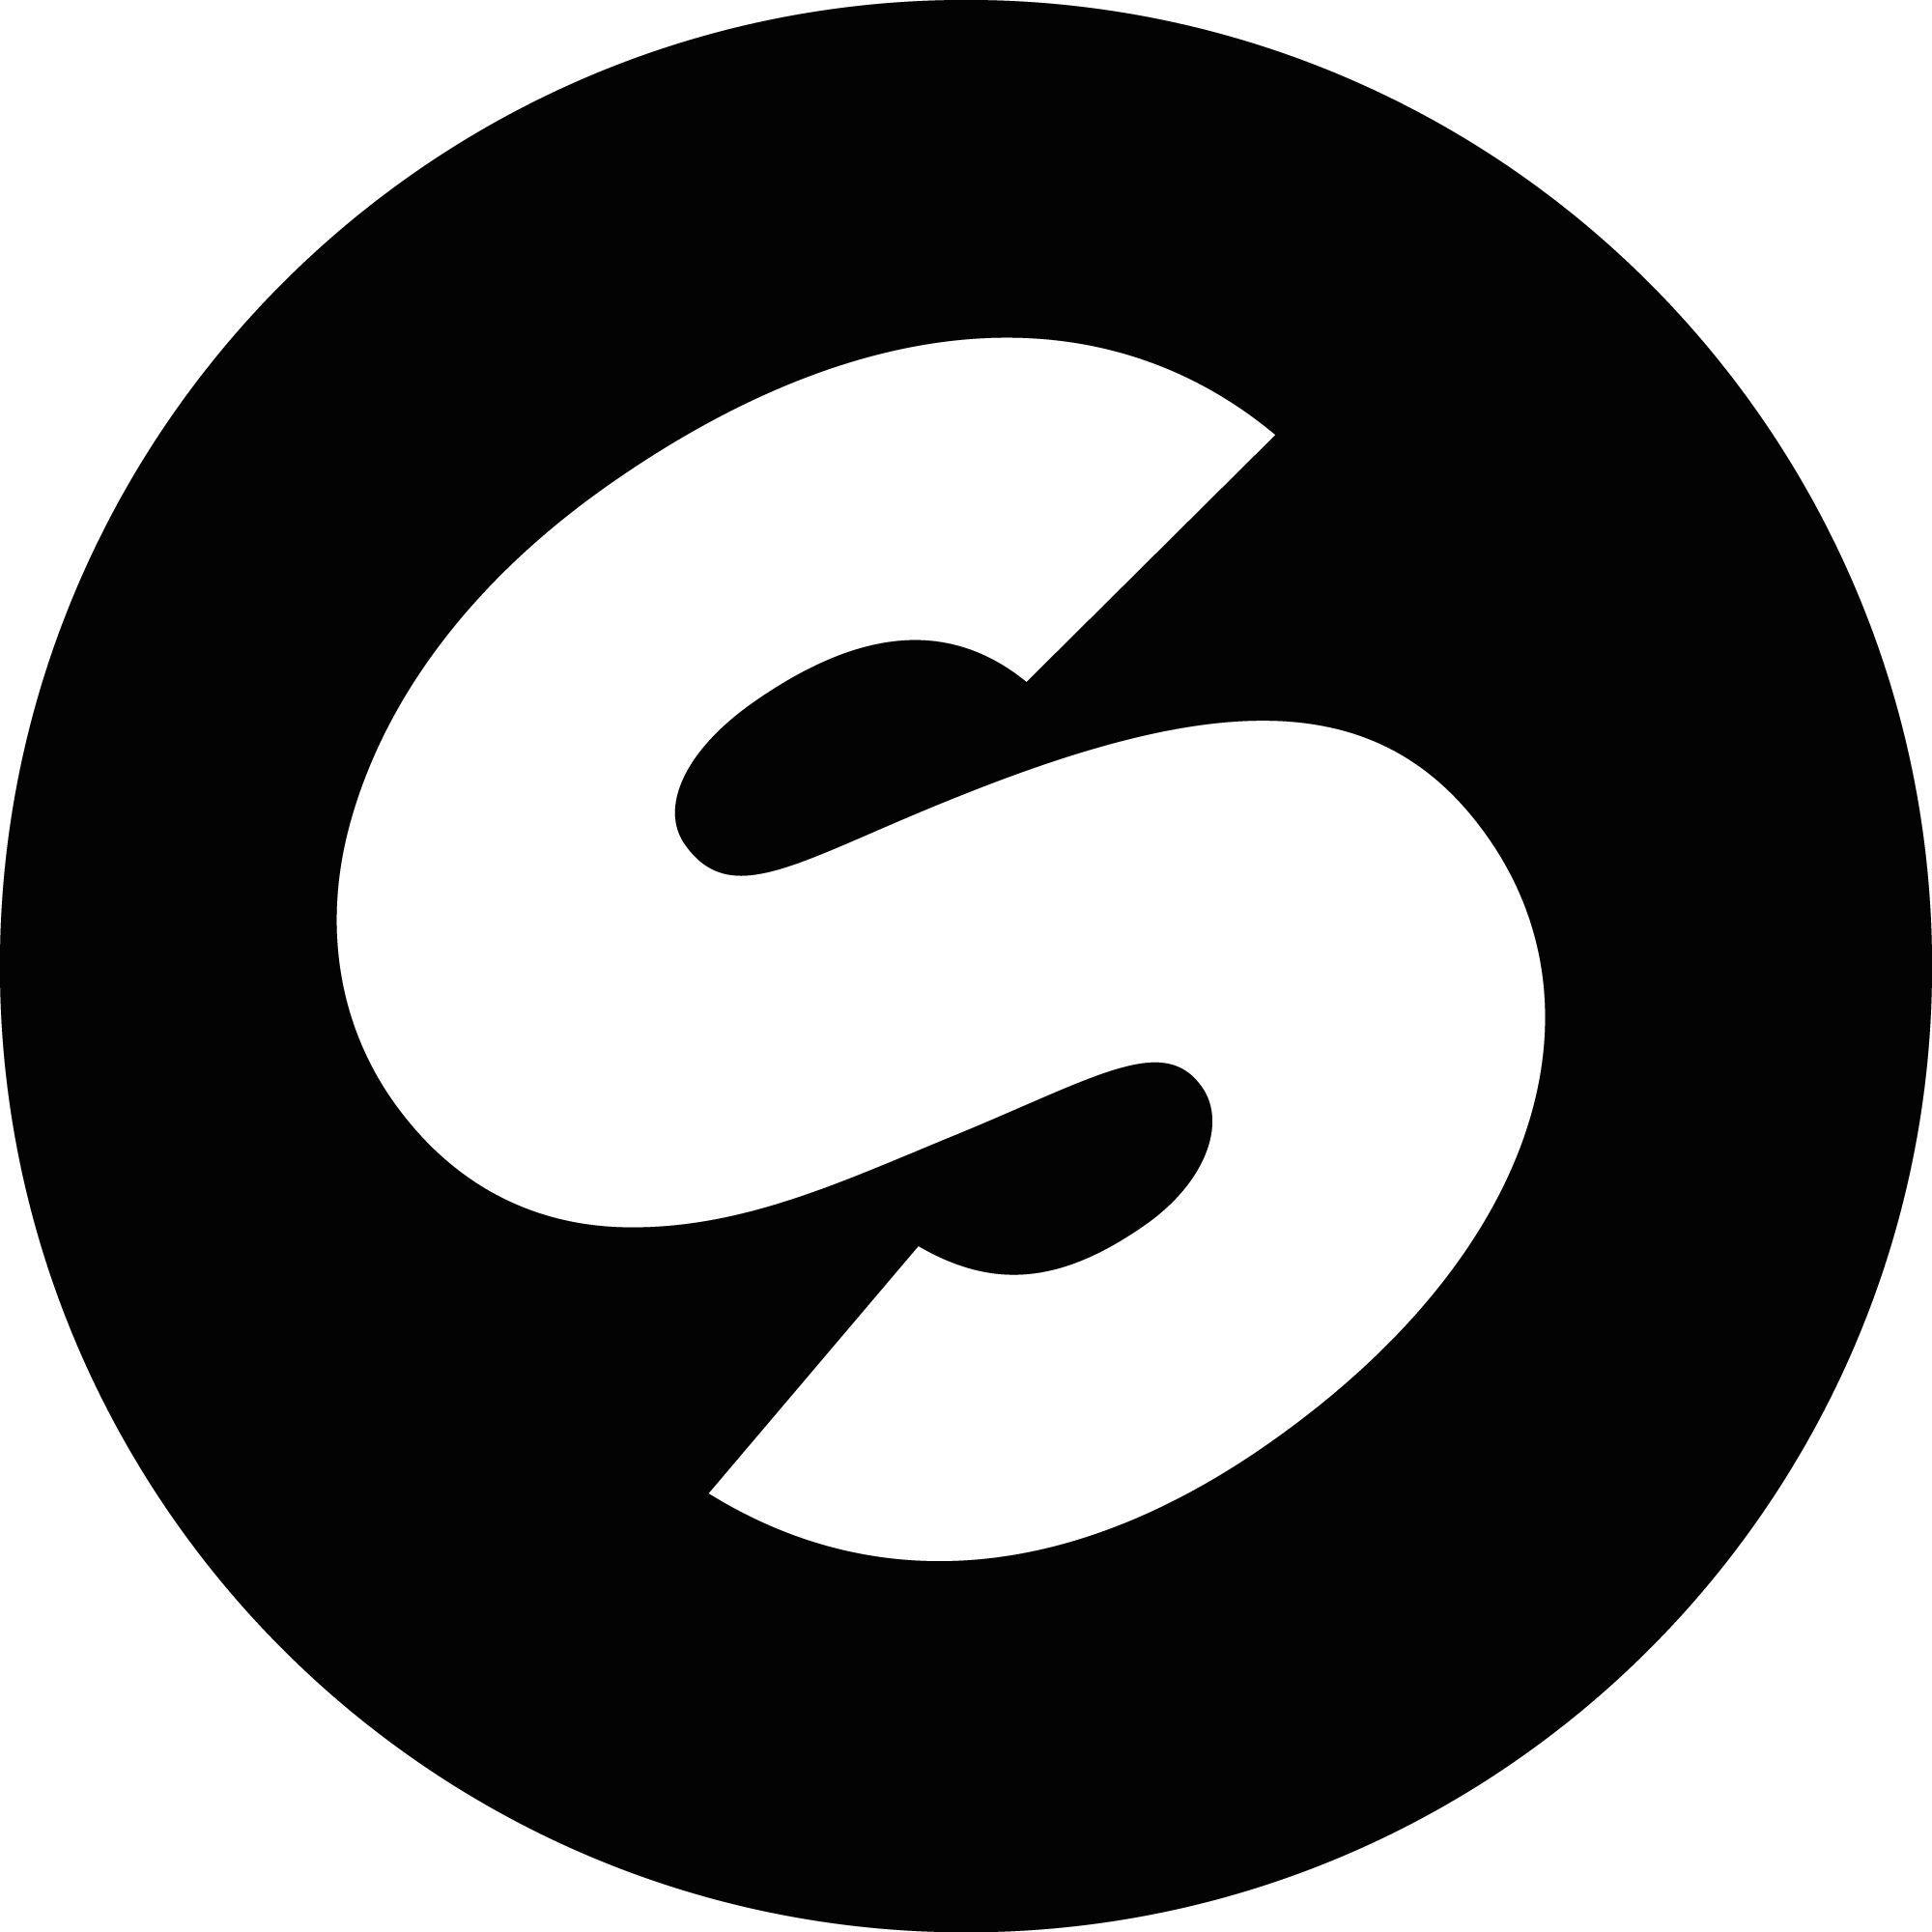 ¿Qué discográfica está asociada a Spinnin Records?